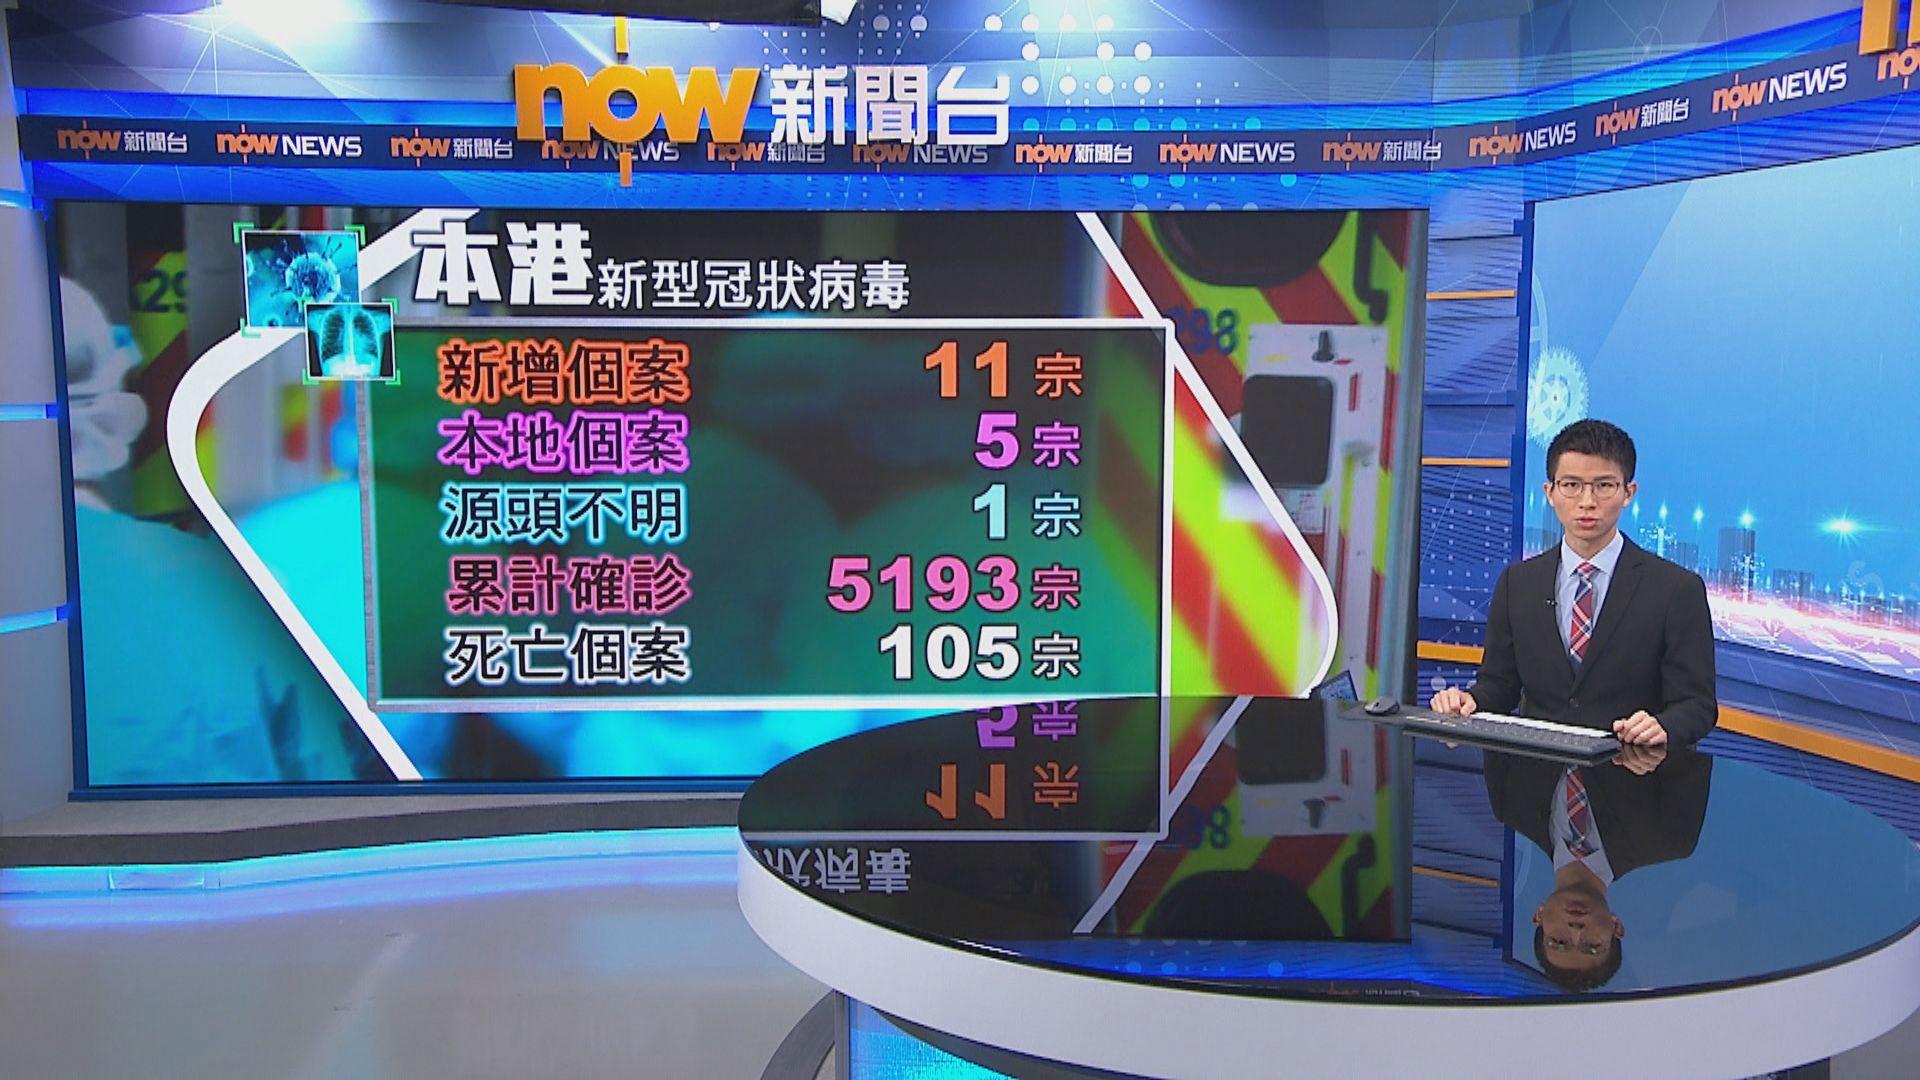 本港增11宗確診 6宗輸入5宗本地感染